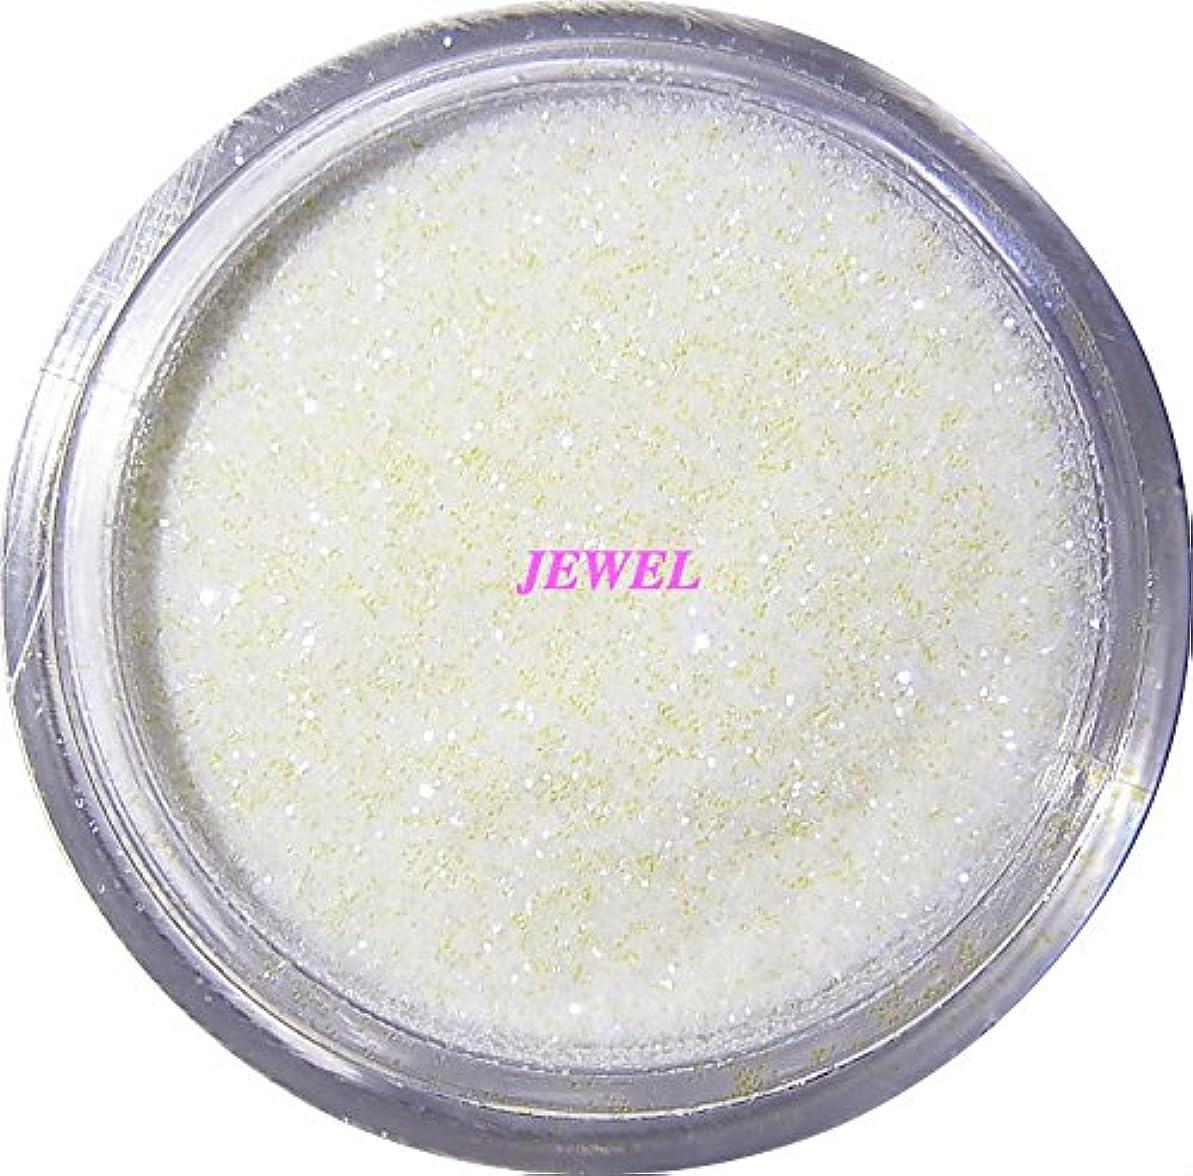 ジャーナリストマーキング確かめる【jewel】 超微粒子ラメパウダー(白/パールホワイト) 256/1サイズ 2g入り グリッター レジン&ネイル用